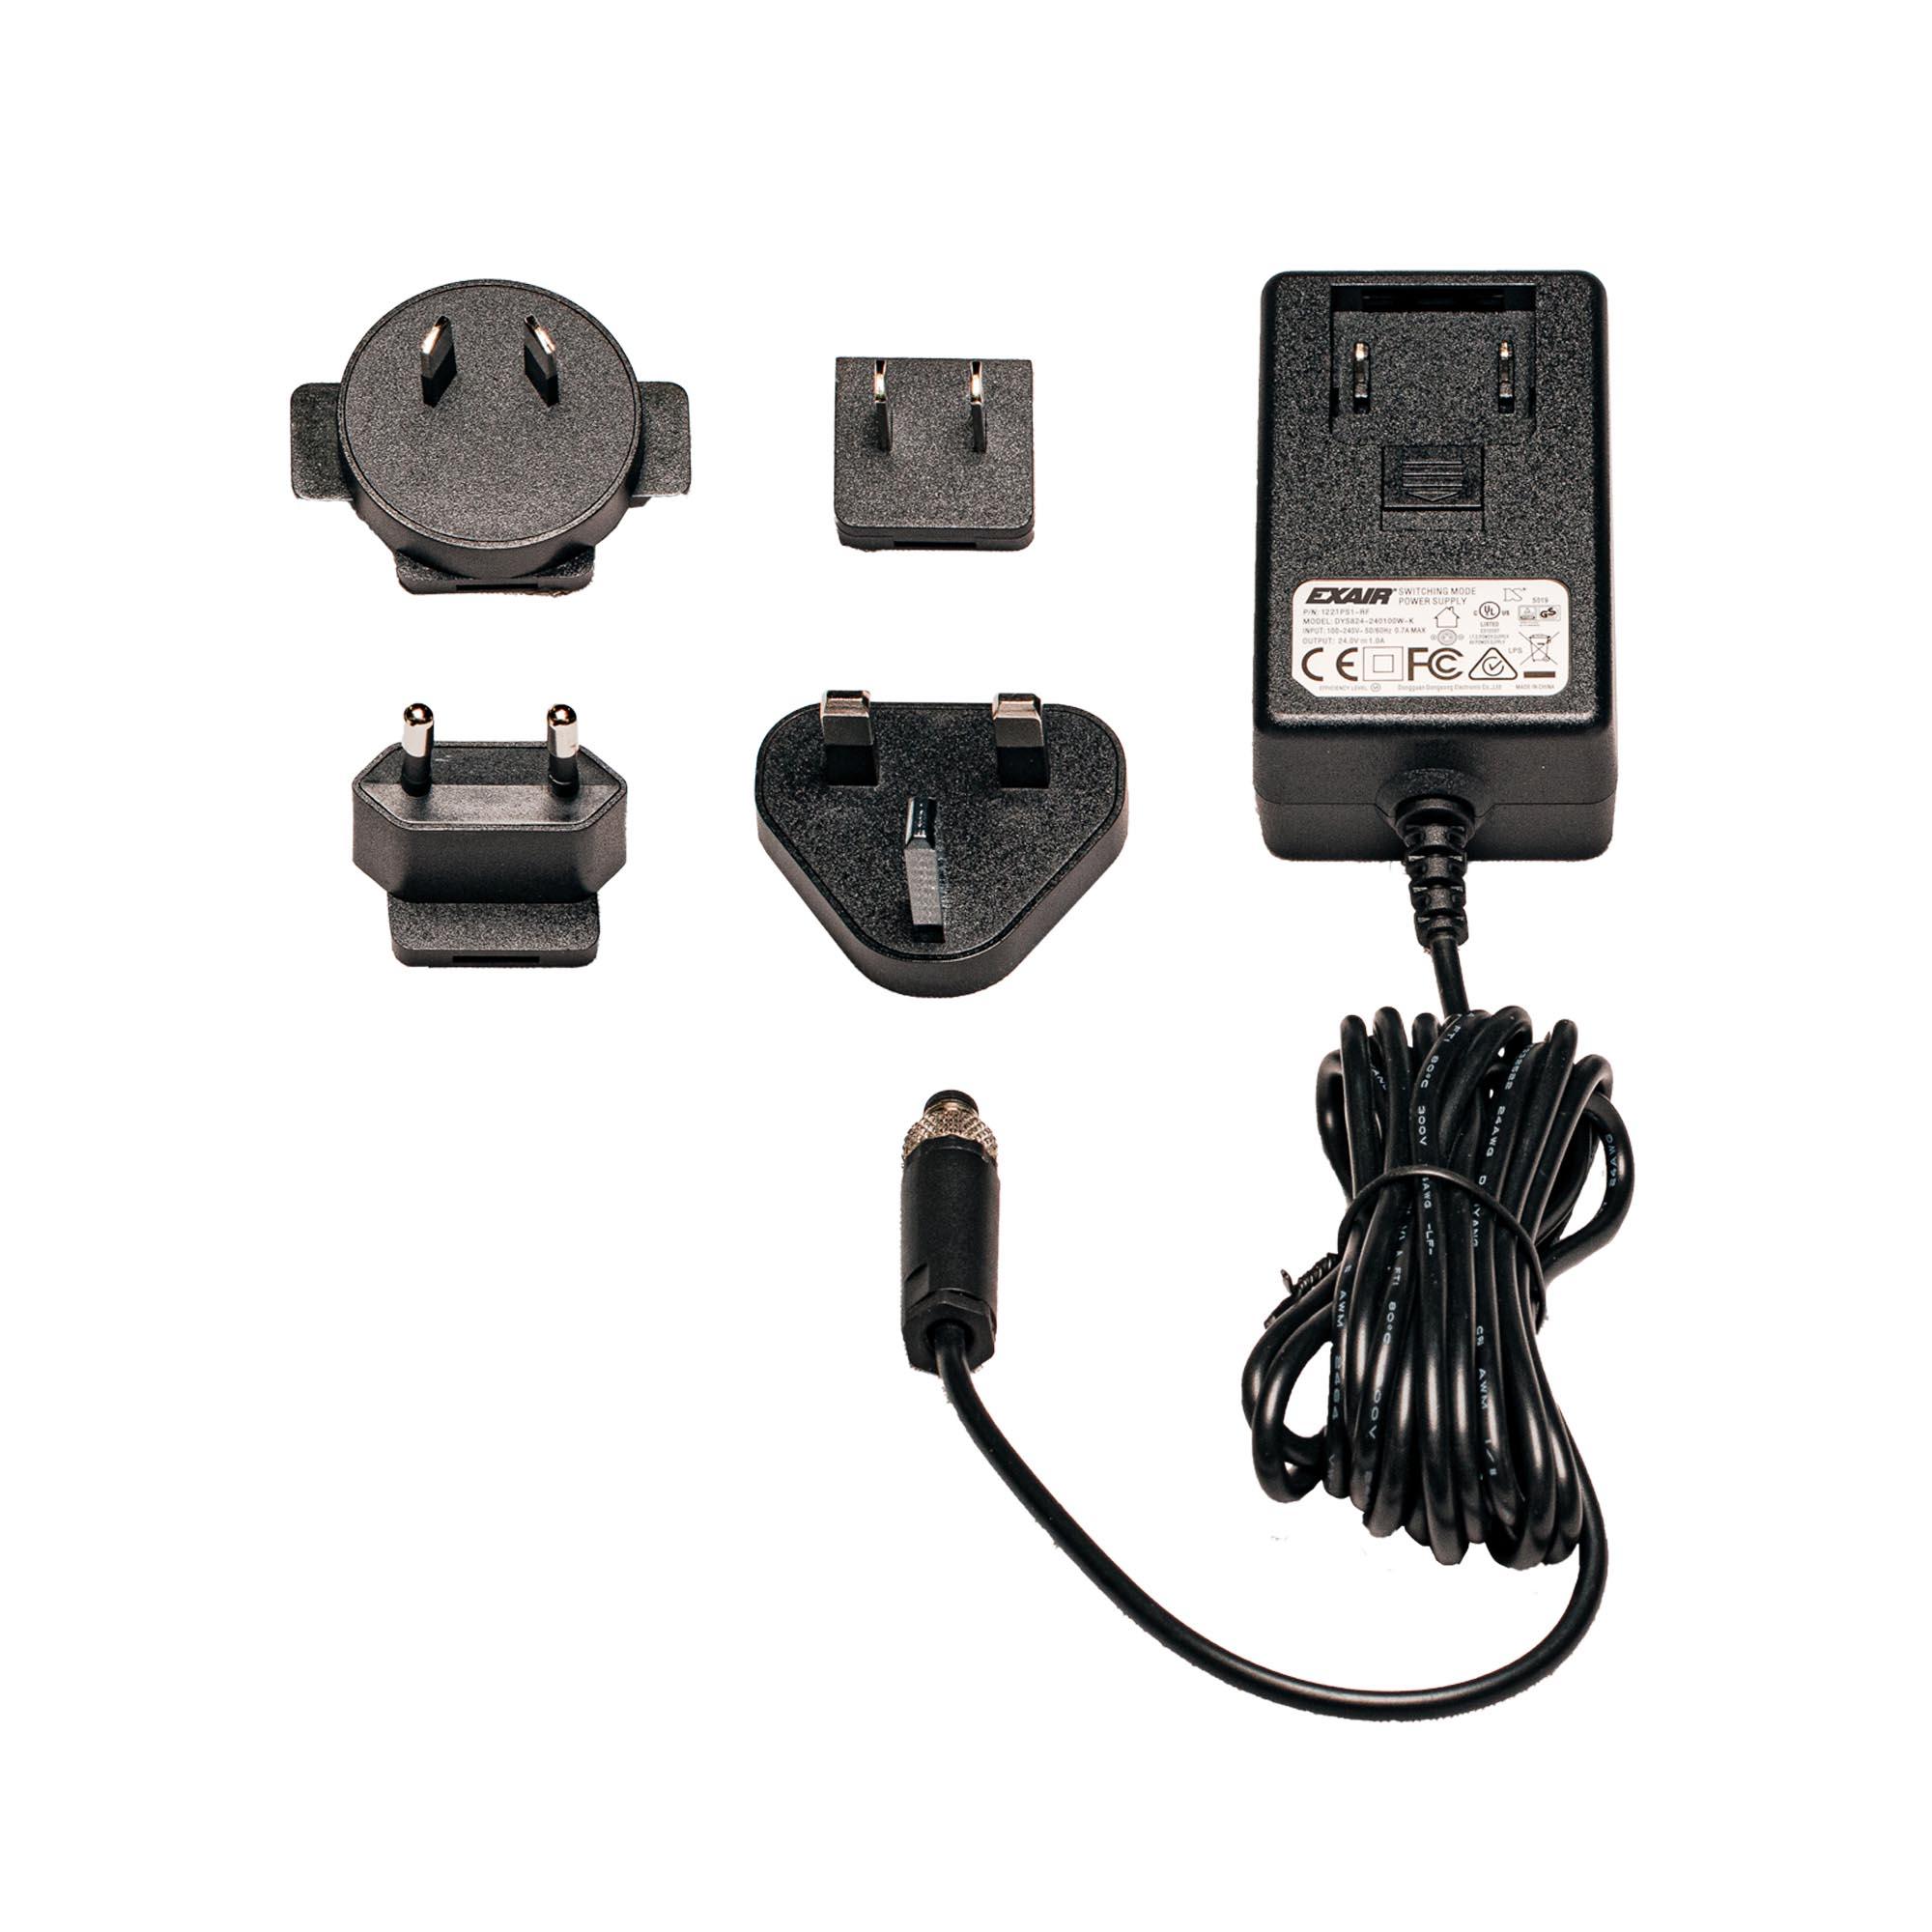 Model 902067 24VDC Power Supply